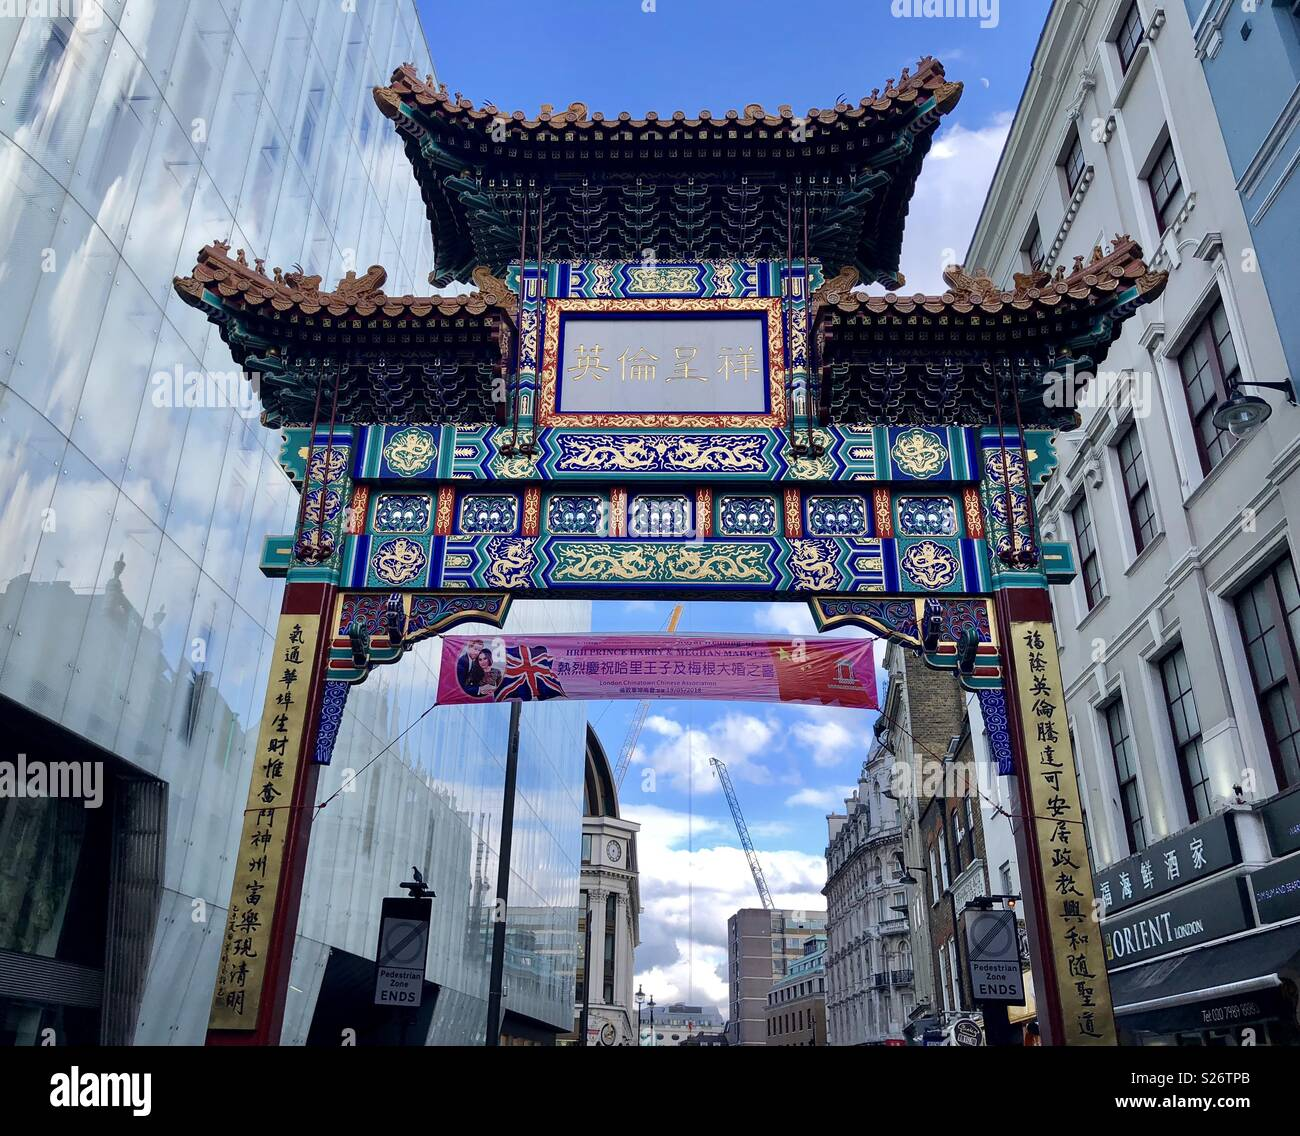 Banner in Chinatown, Soho, London feiern Prinz Harry und Meghan Markles Hochzeit Stockbild